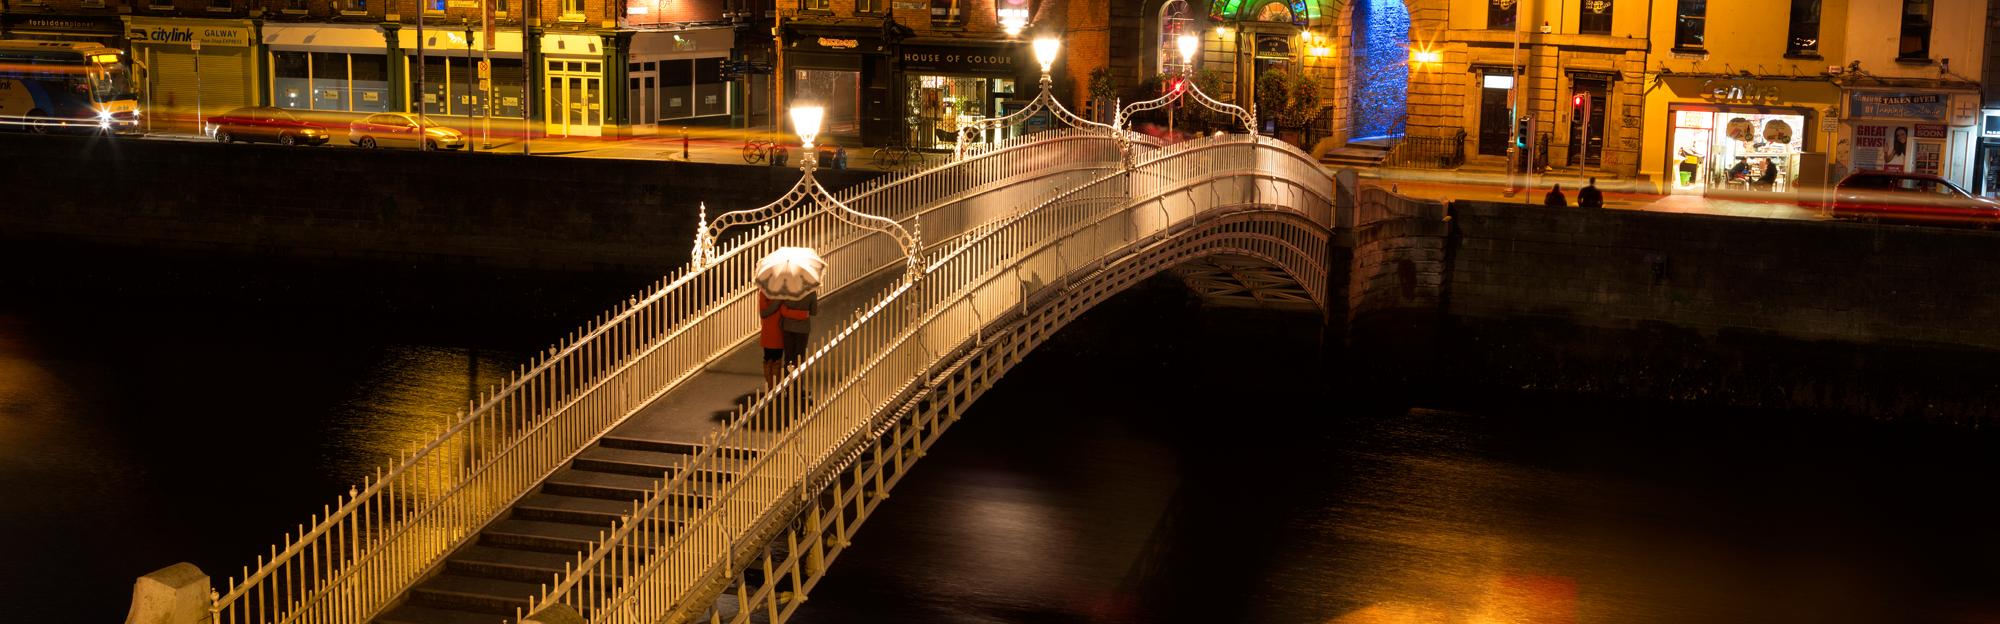 image of blcc ha'penny bridge dublin ireland